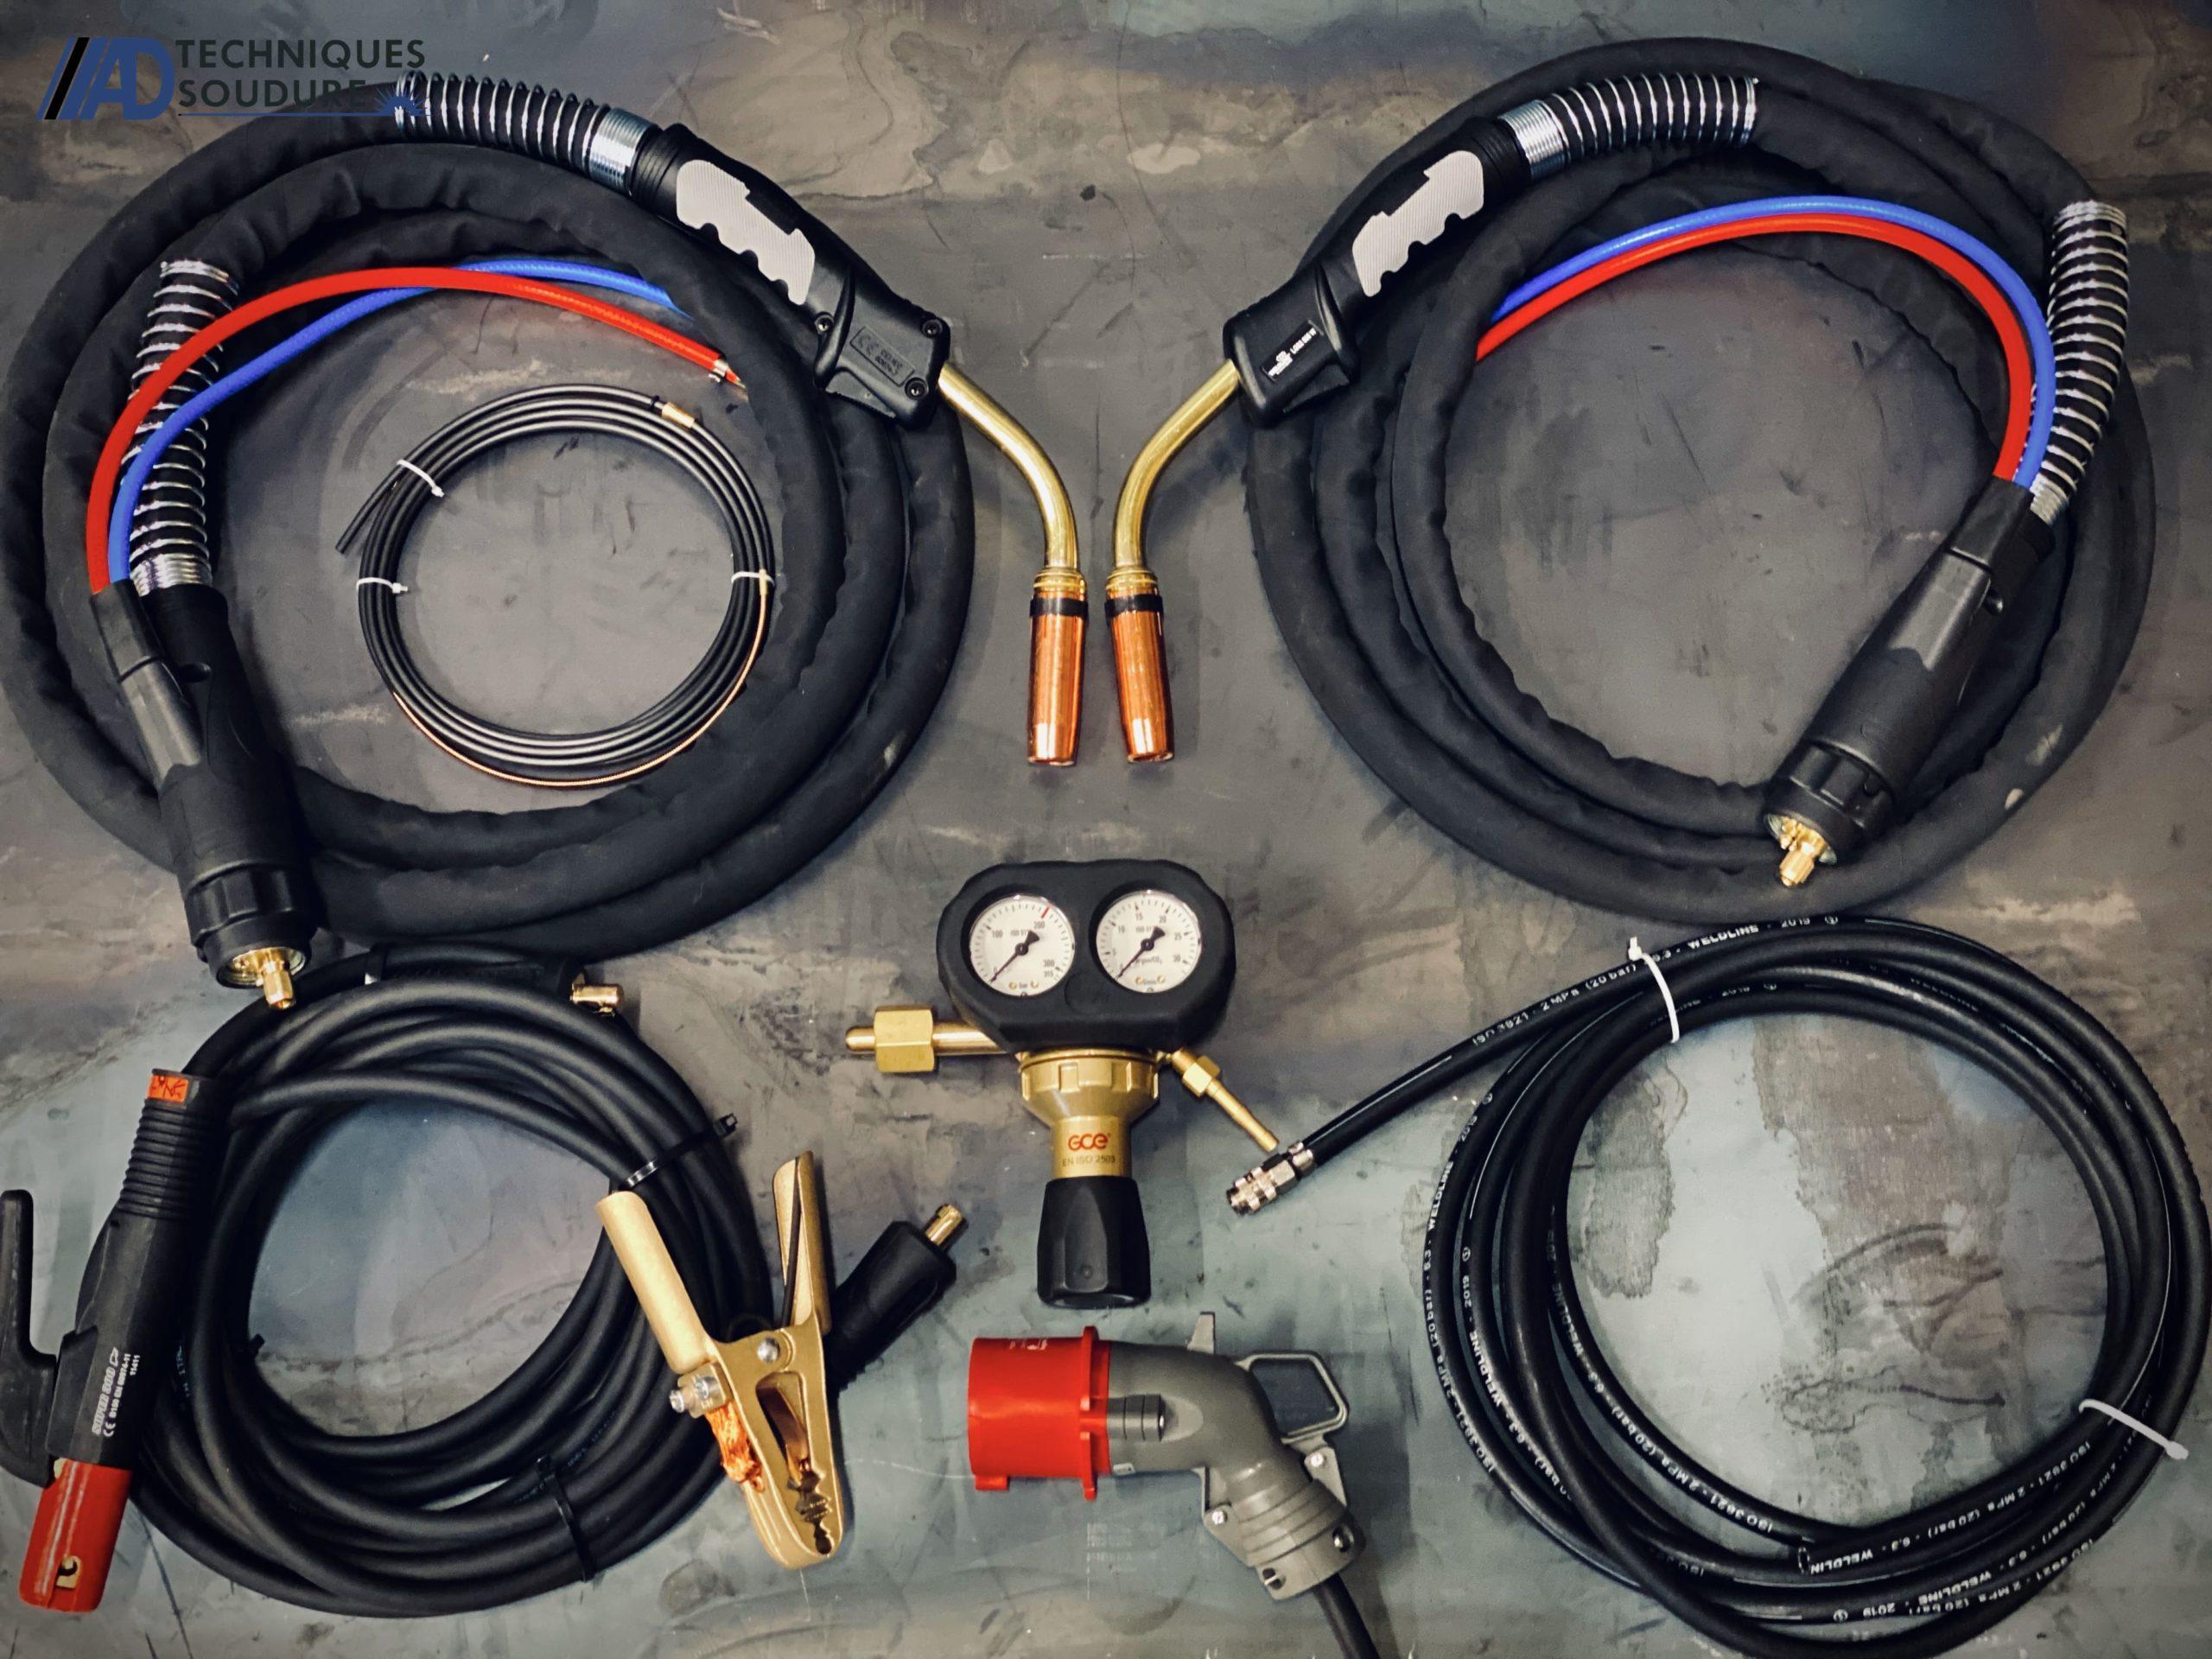 Accessoires poste à souder MIG/MAG SPEEDTEC 320CP Lincoln Electric triphasé